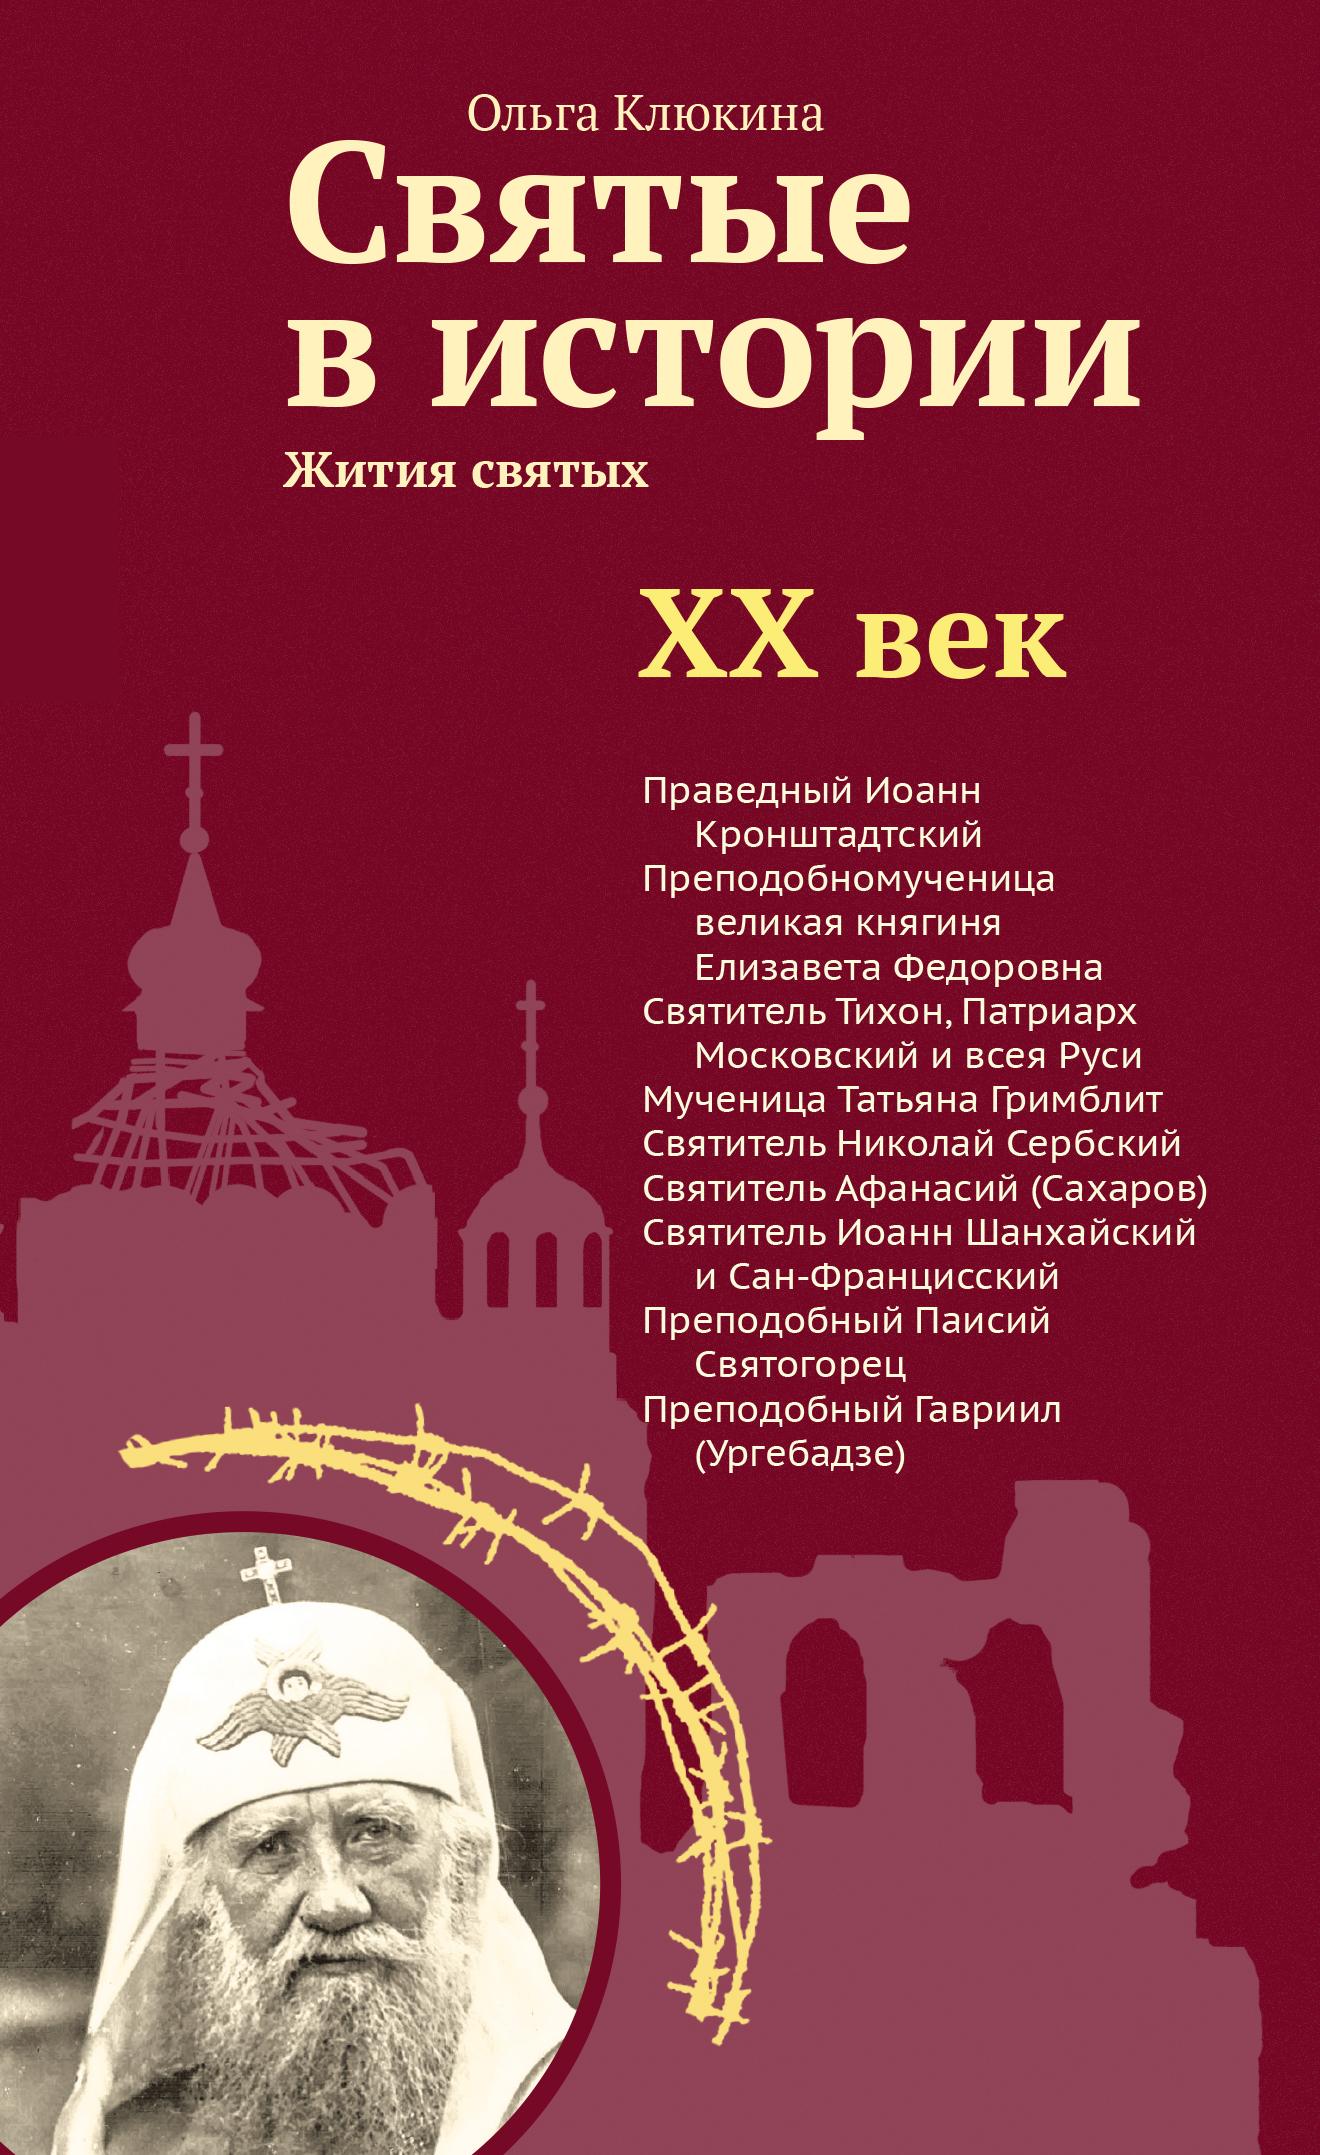 О. П. Клюкина Святые в истории. Жития святых в новом формате. XX век